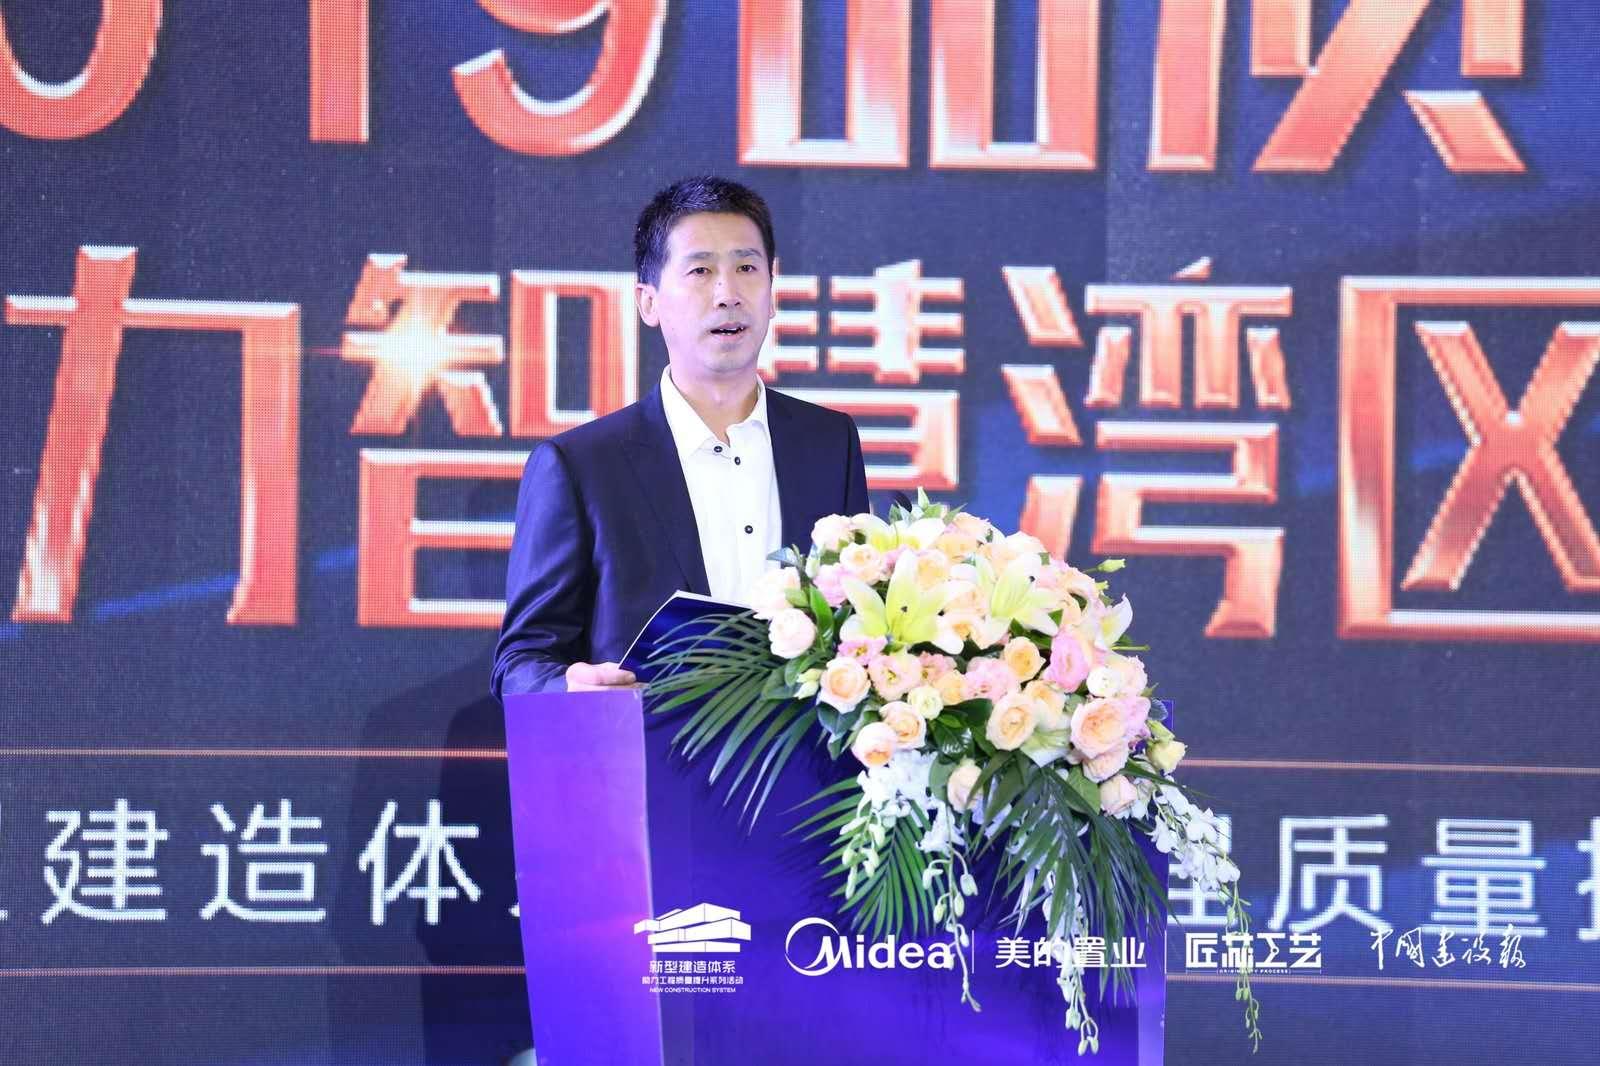 中国建设报社社长王胜军:依托品质升级更好满足人民日益增长的美好生活需要